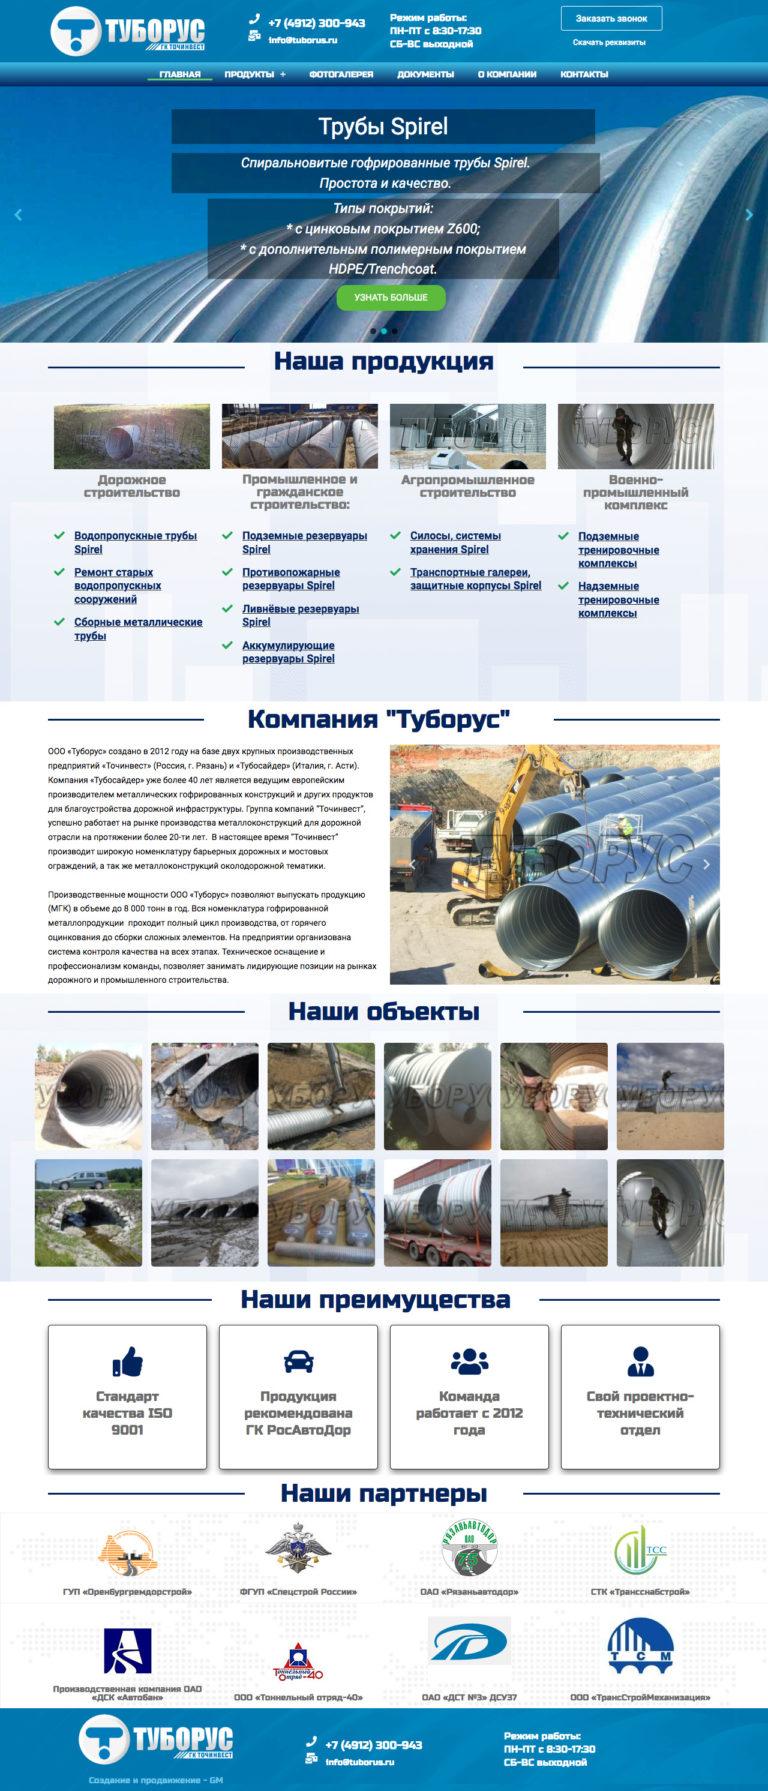 Screenshot_2020-09-23 Главная - ТУБОРУС